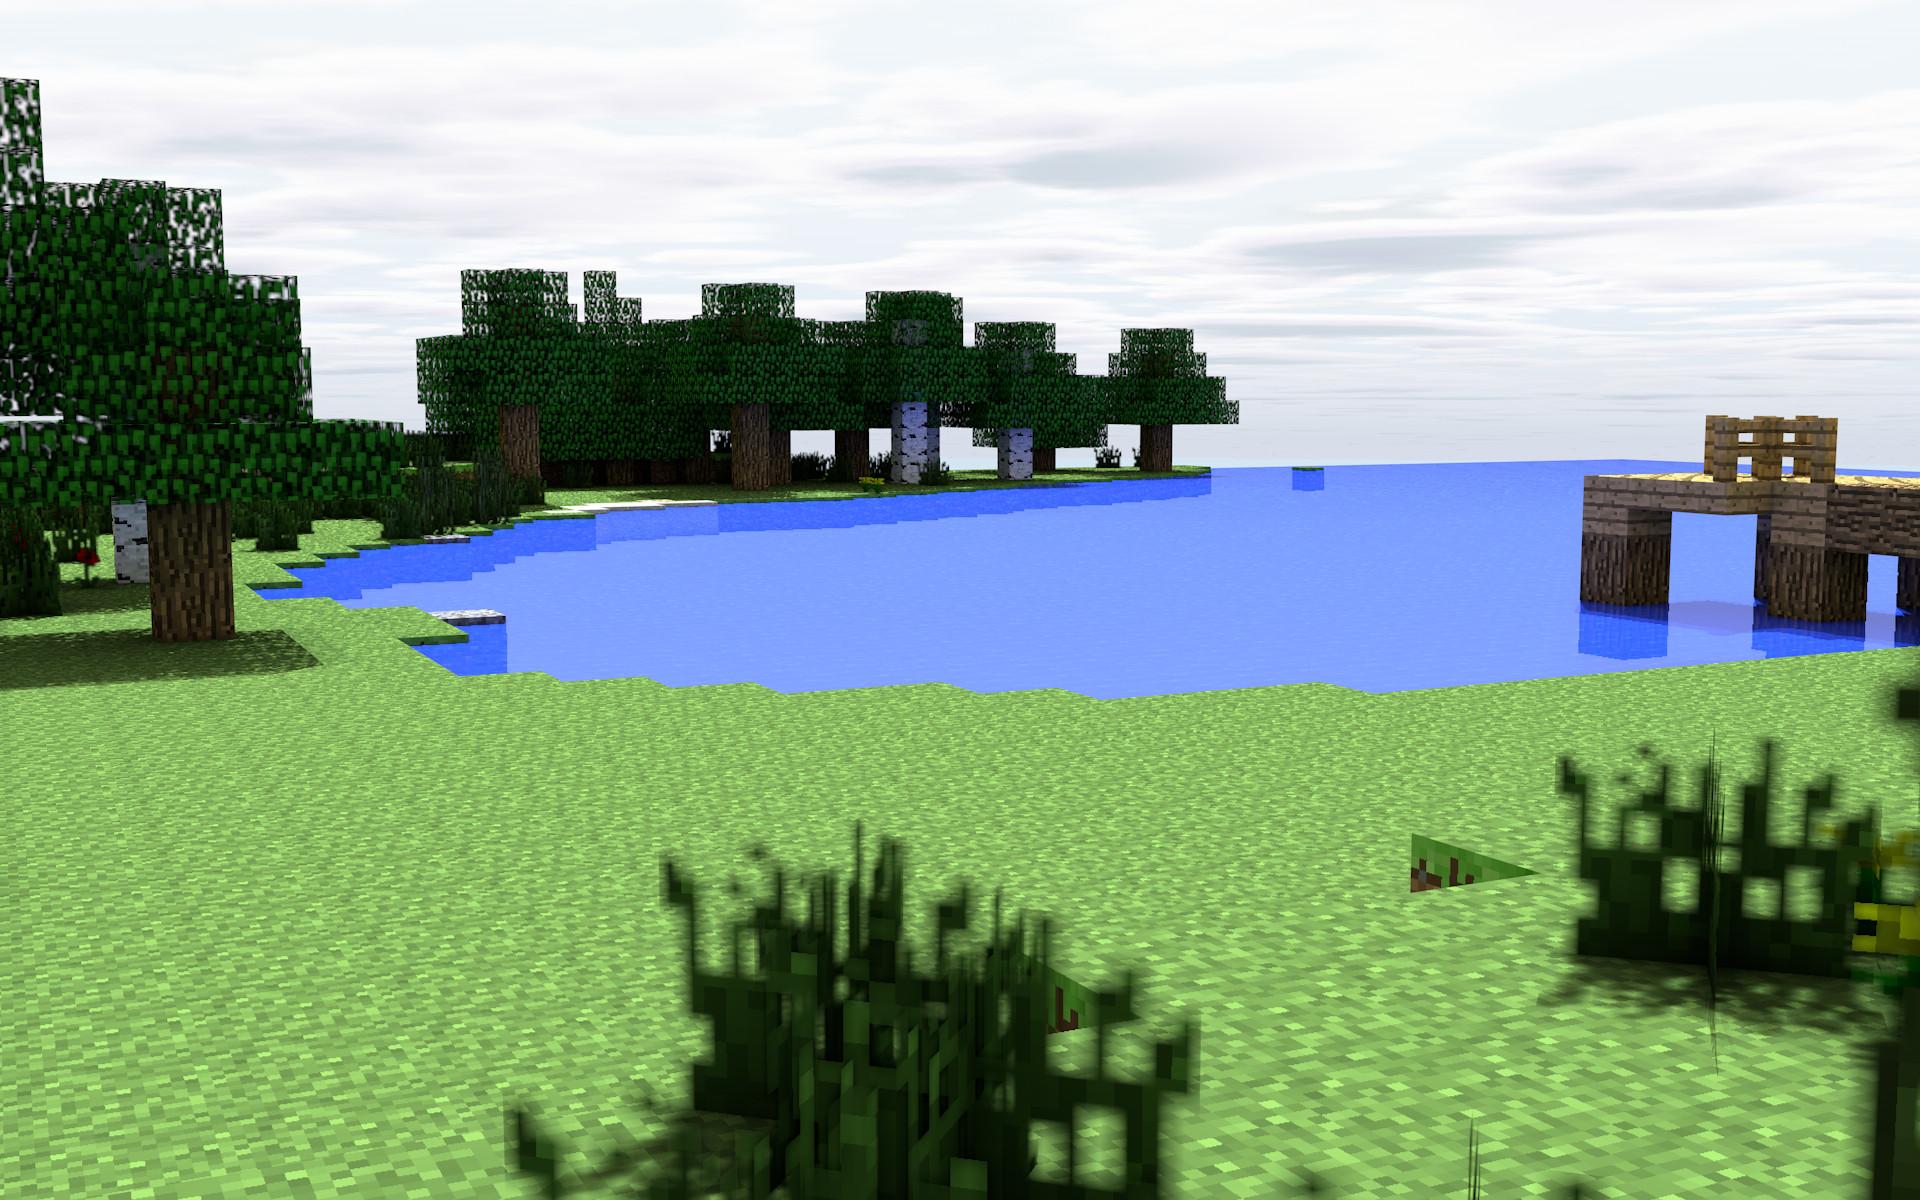 Great Wallpaper Minecraft Beach - 823693-minecraft-desktop-background-1920x1200-meizu  Photograph_751023.jpg